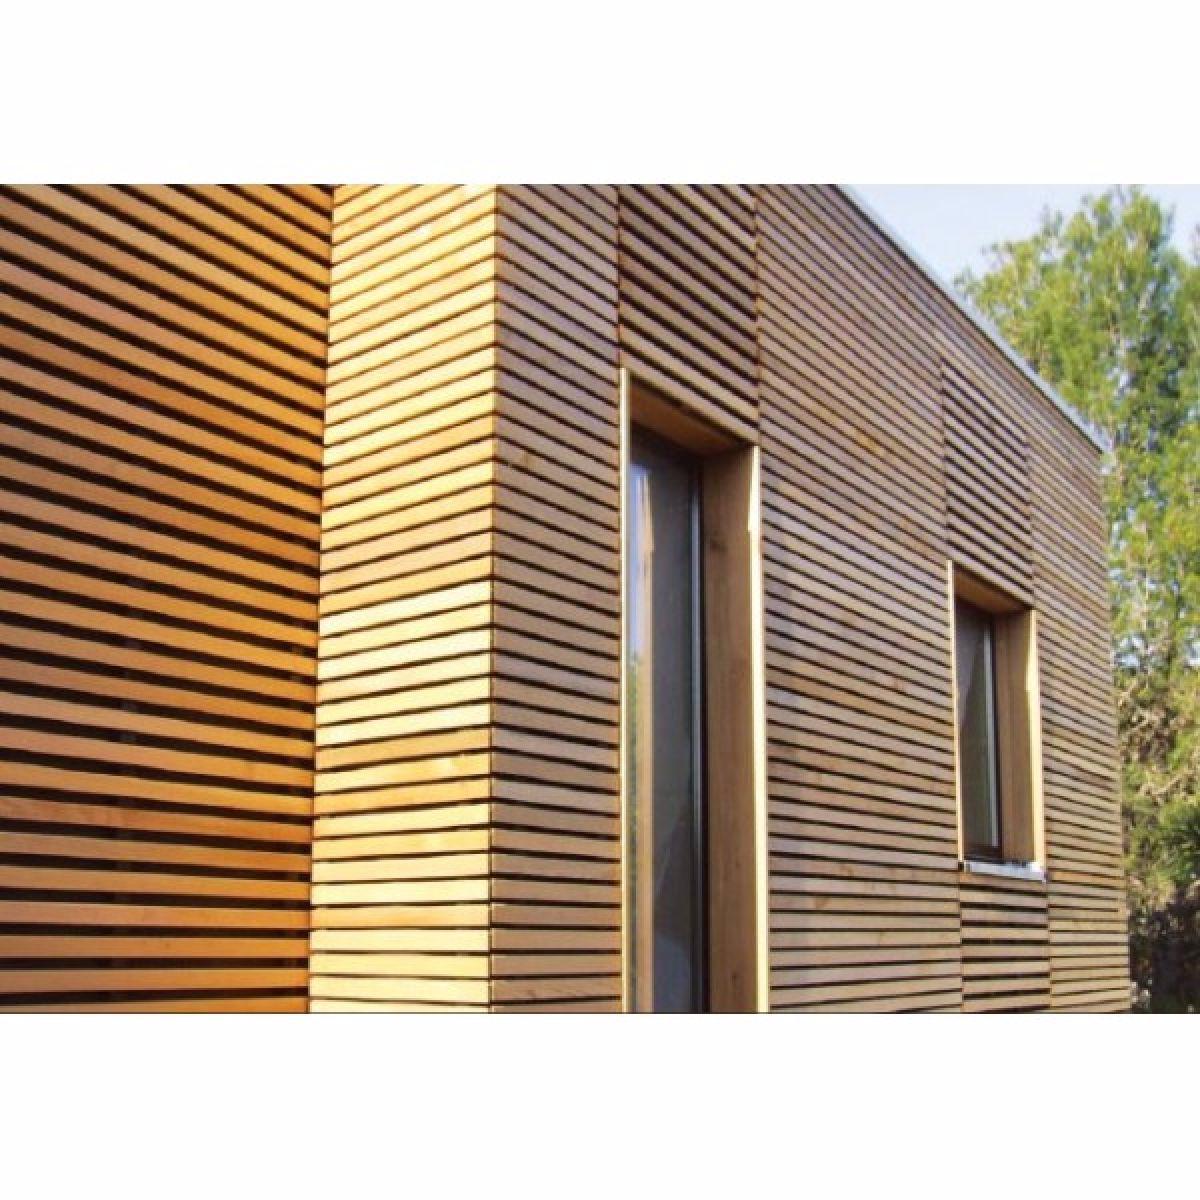 bardage claire voie ajour e ou pleine vente de bois. Black Bedroom Furniture Sets. Home Design Ideas